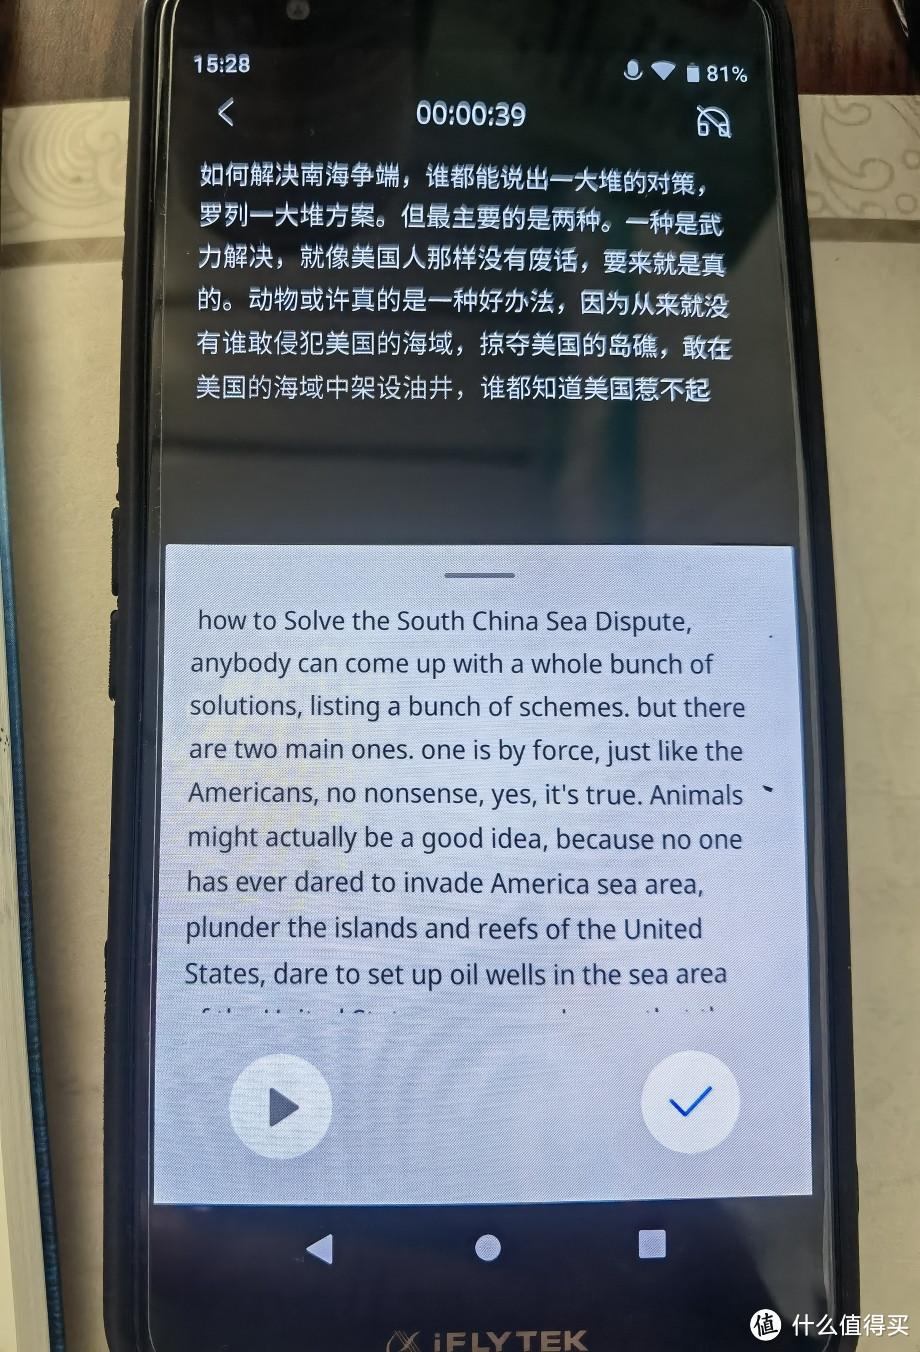 中文朗诵《走向深蓝》文章中的一段文字,可以看出,这货先是语音识别成中文,然后实时的对中文字面意思进行直译。